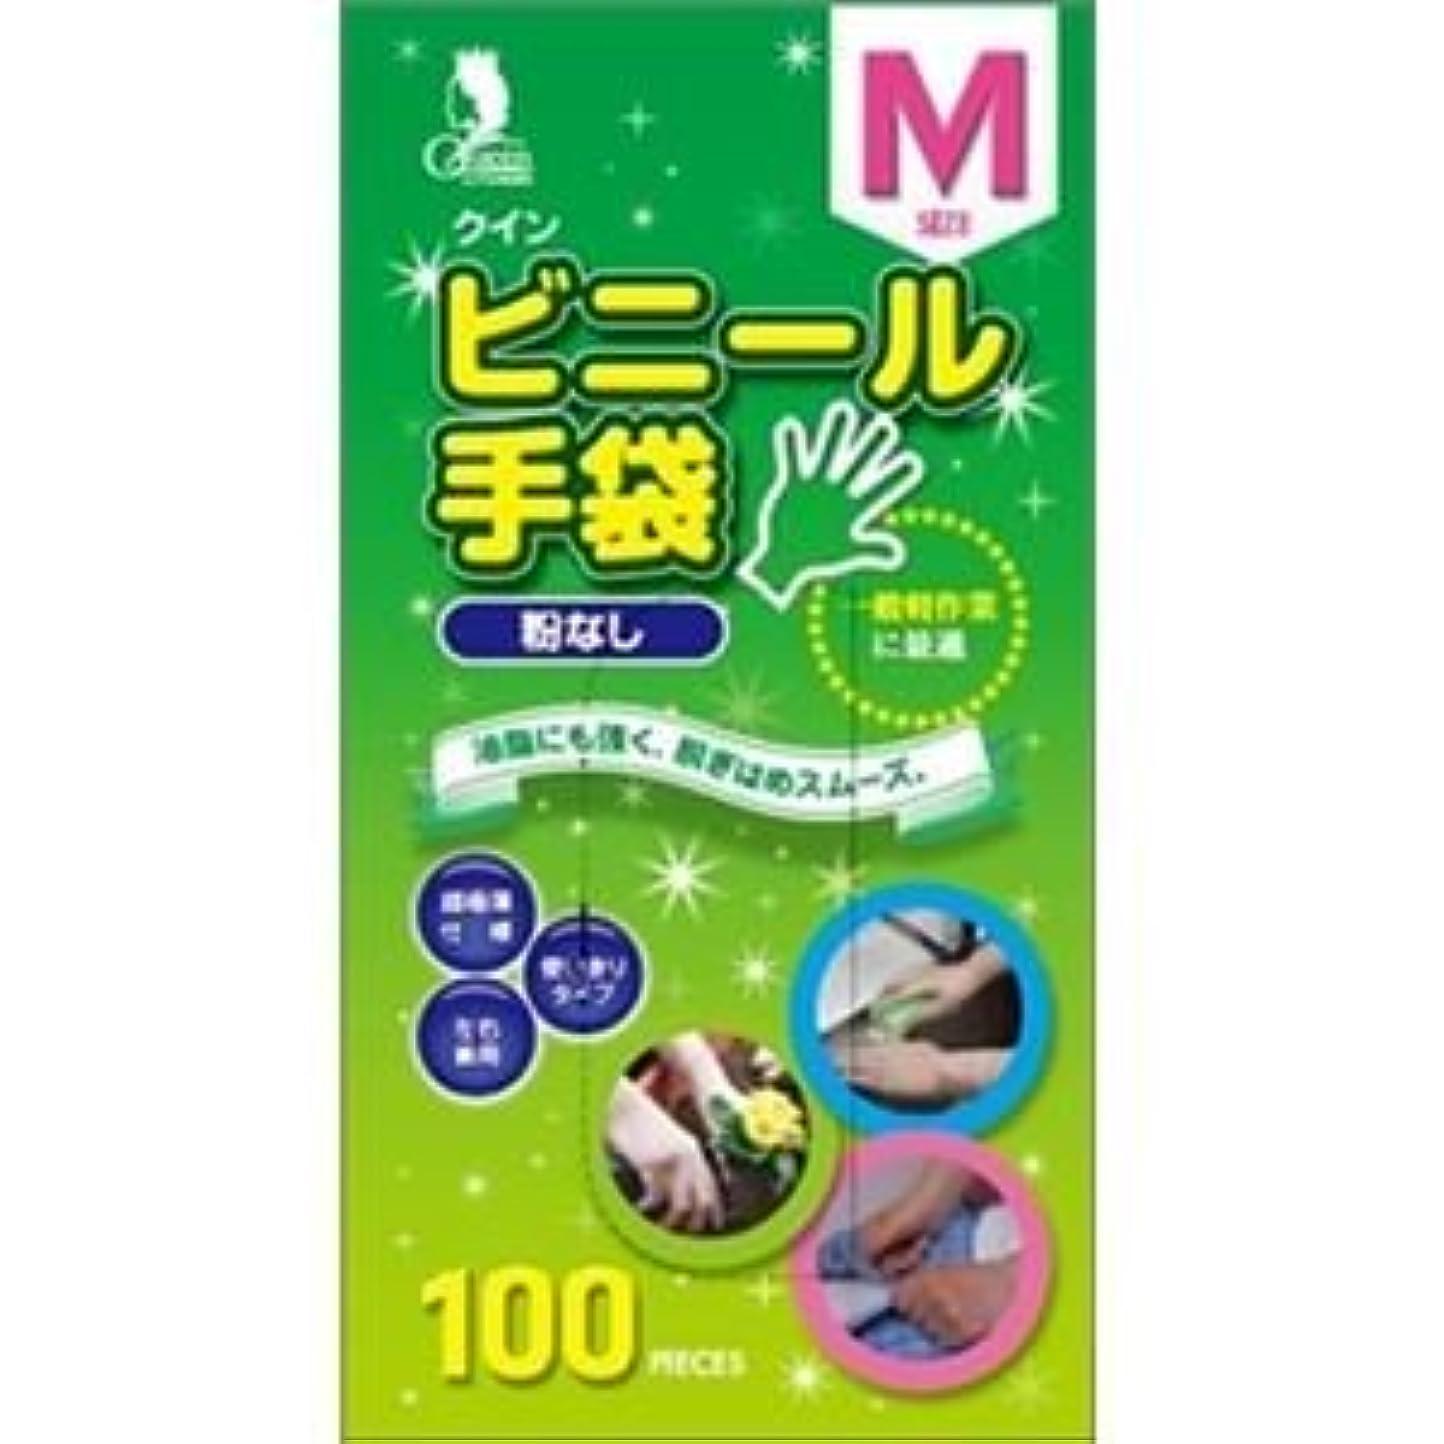 彼女幅忠実に(まとめ)宇都宮製作 クインビニール手袋100枚入 M (N) 【×3点セット】